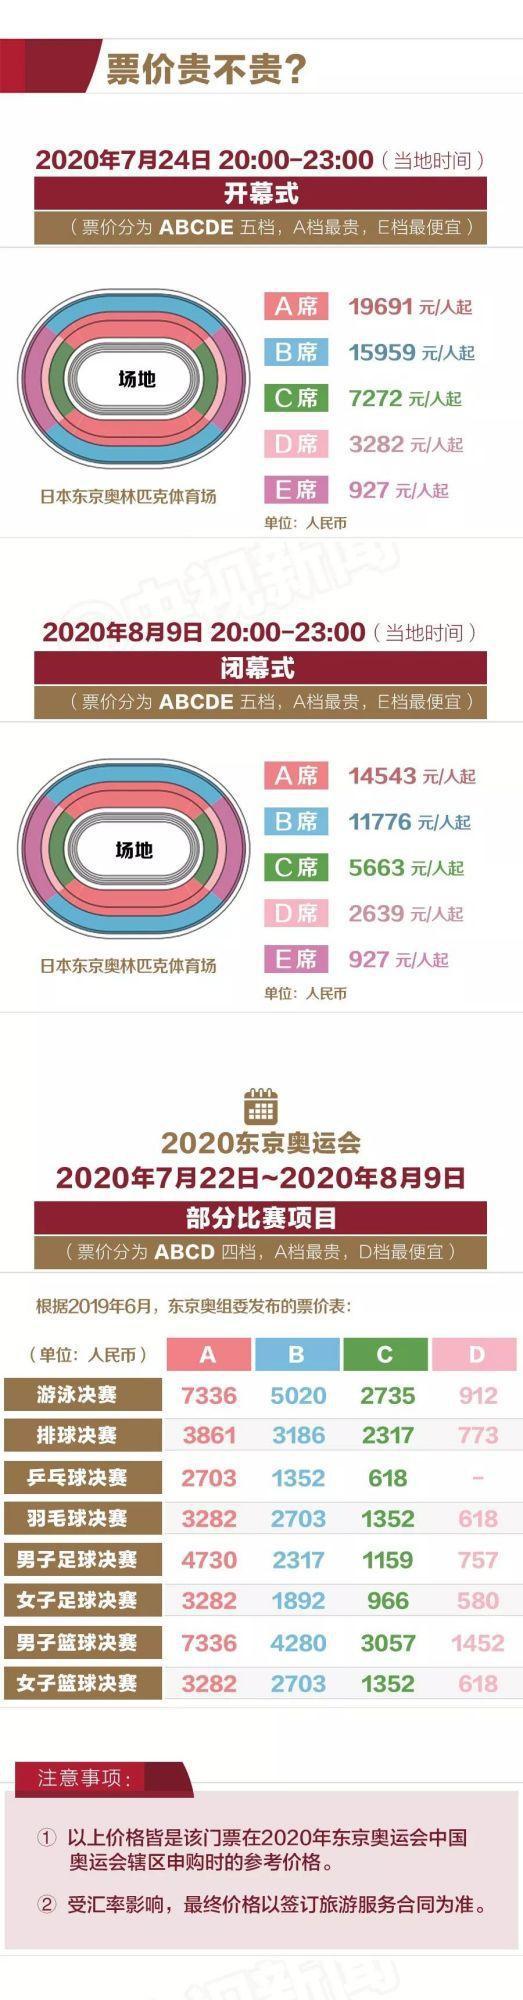 2020东京奥运会门票价格一览(开幕式+闭幕式)